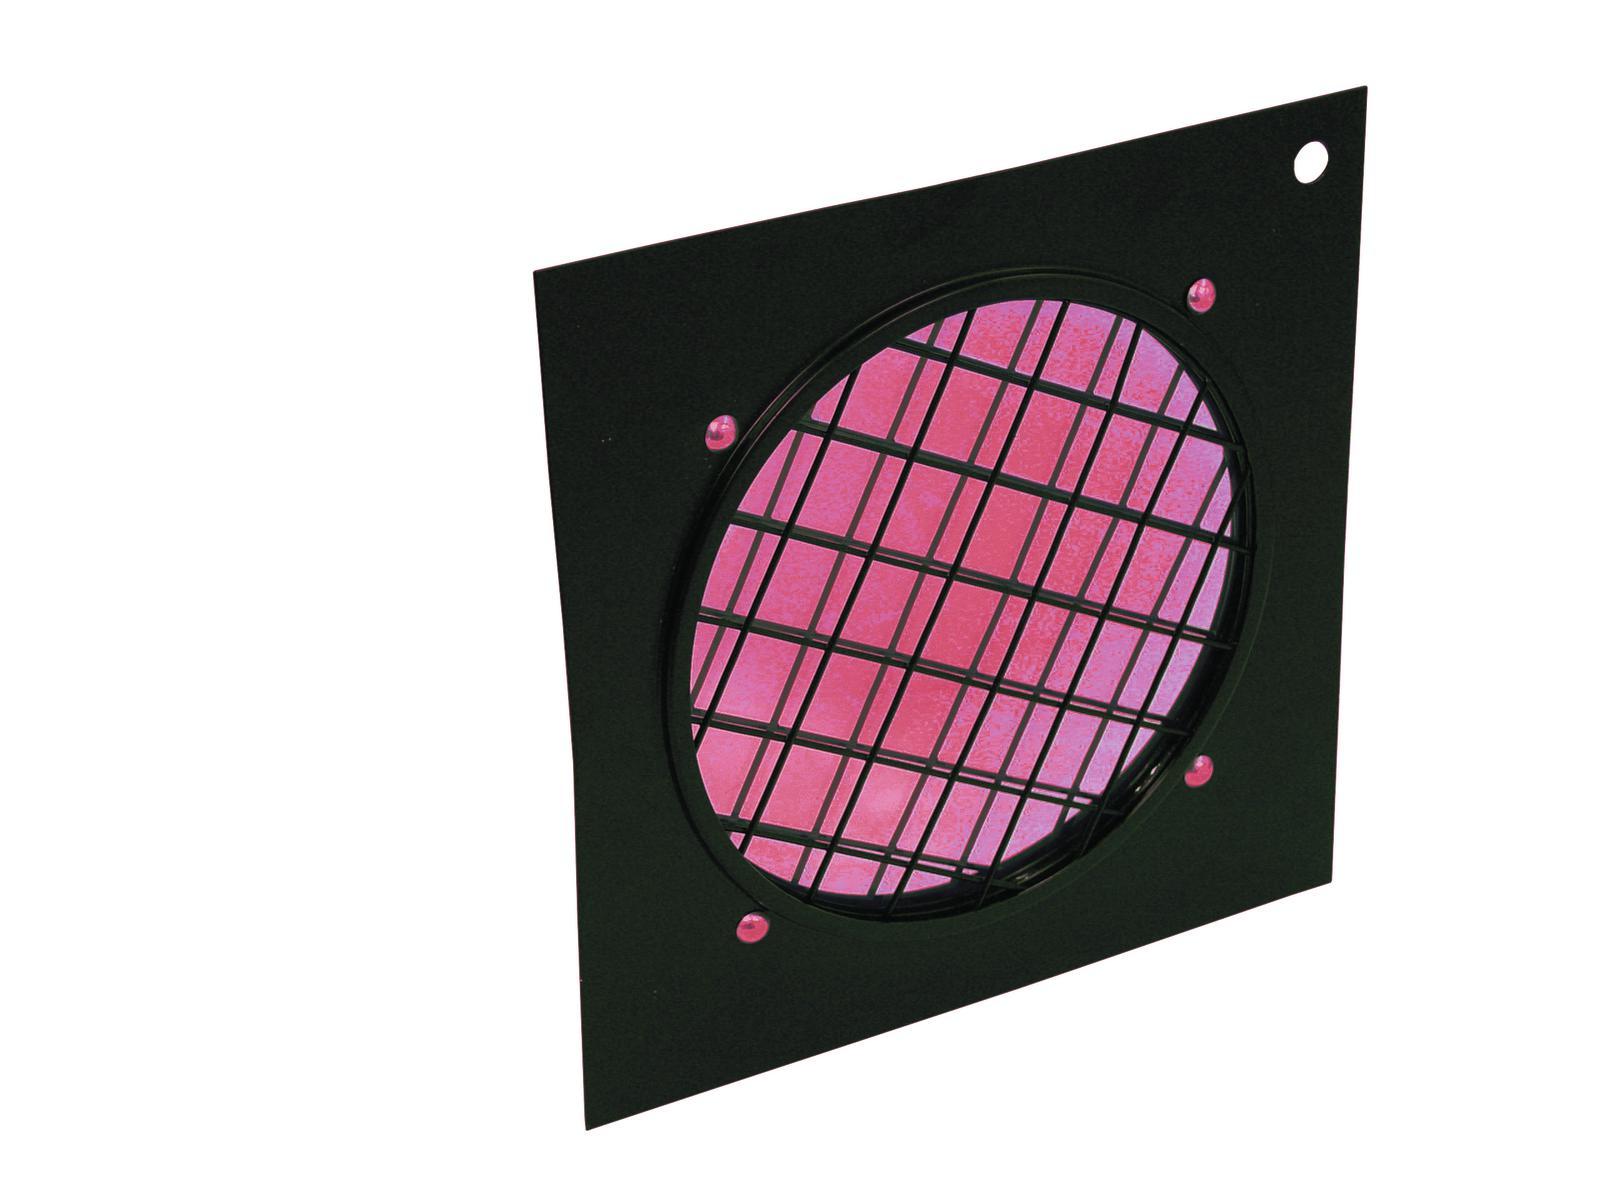 EUROLITE Dichro-Filter magenta, Rahmen sw PAR-56